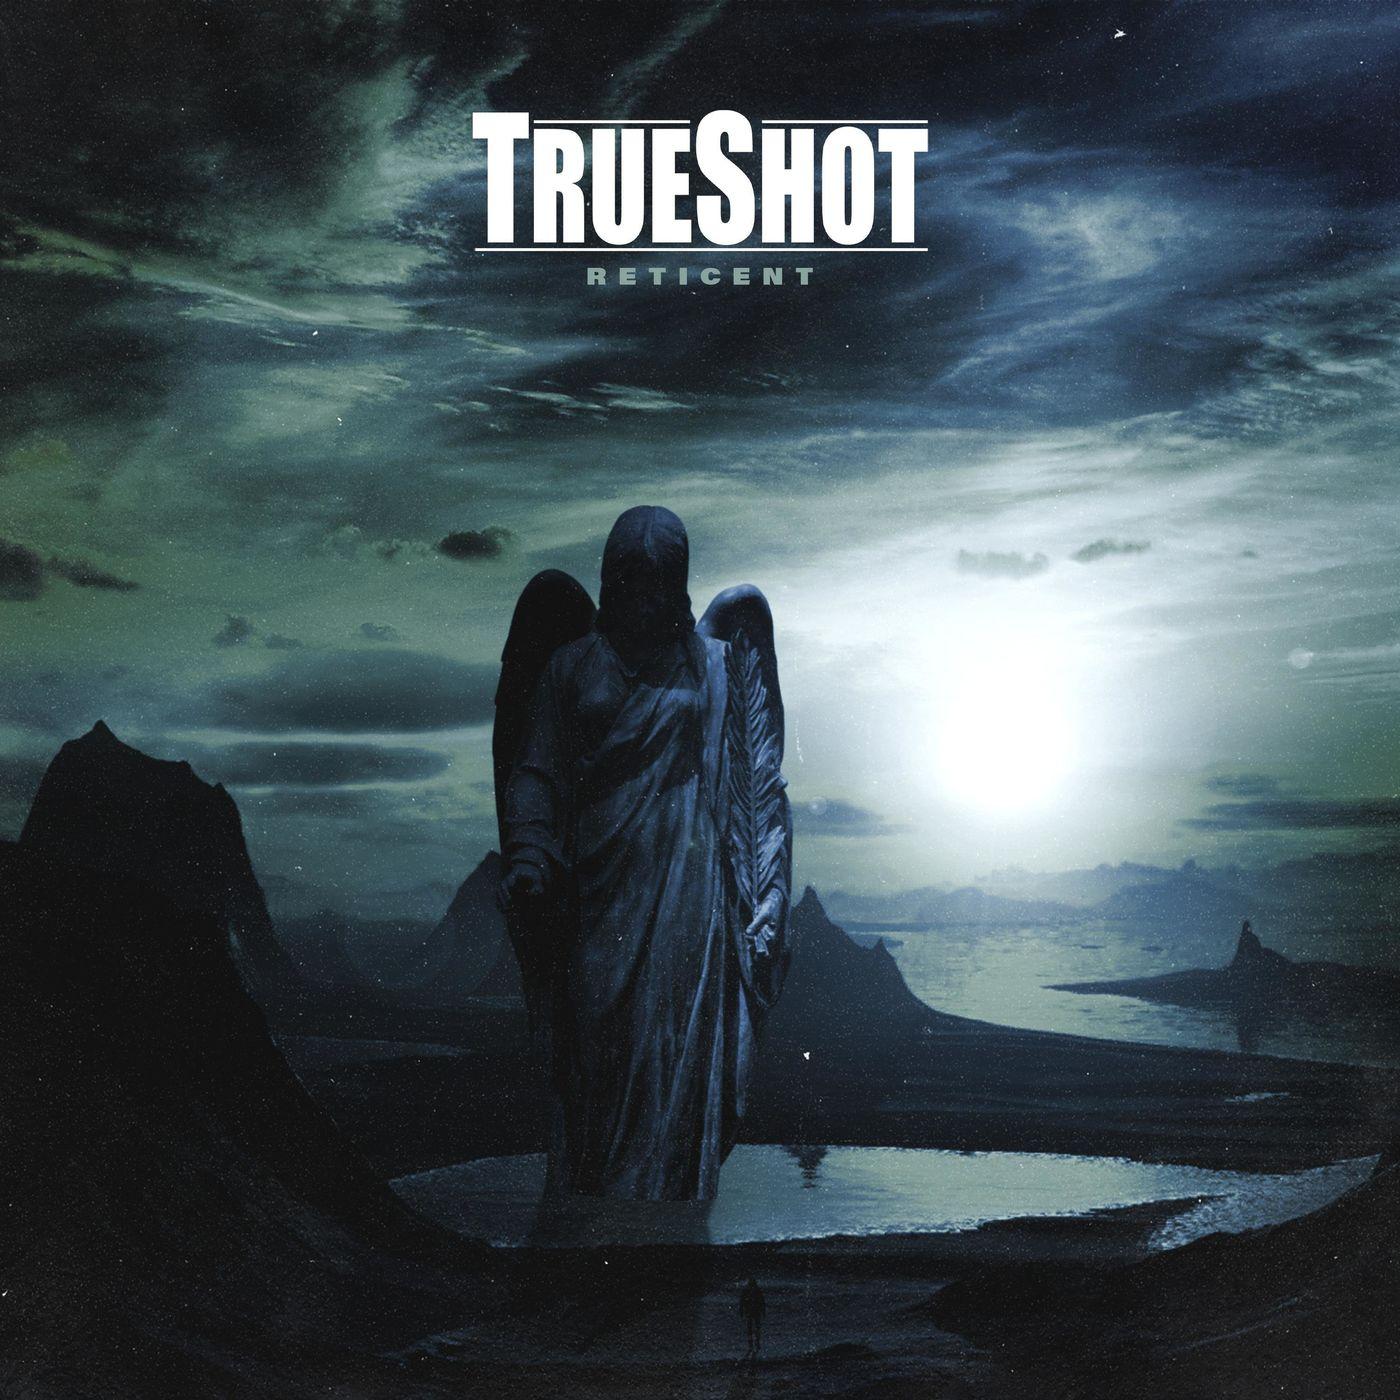 TrueShot - Reticent [single] (2020)